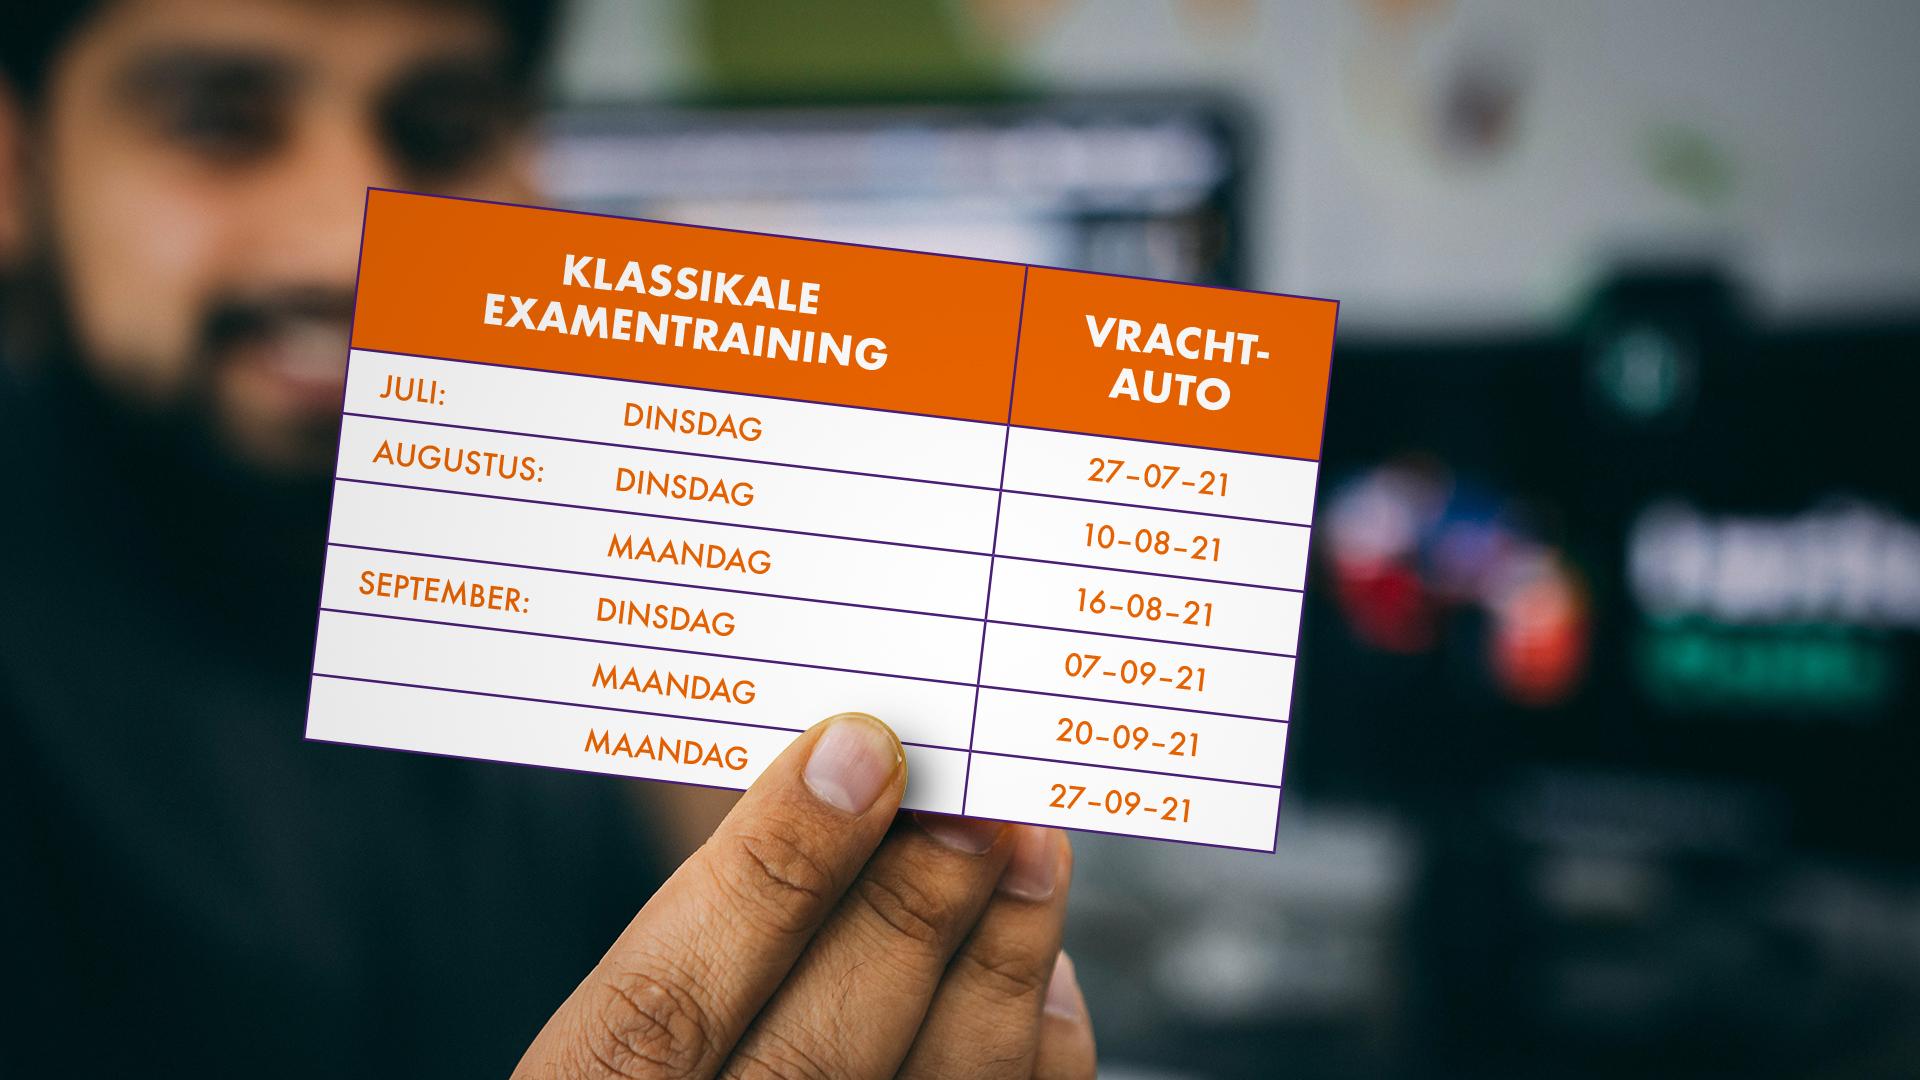 Startdata klassikale examentraining vrachtauto rijbewijs Verboon wegwijze opleiders Oosterhout